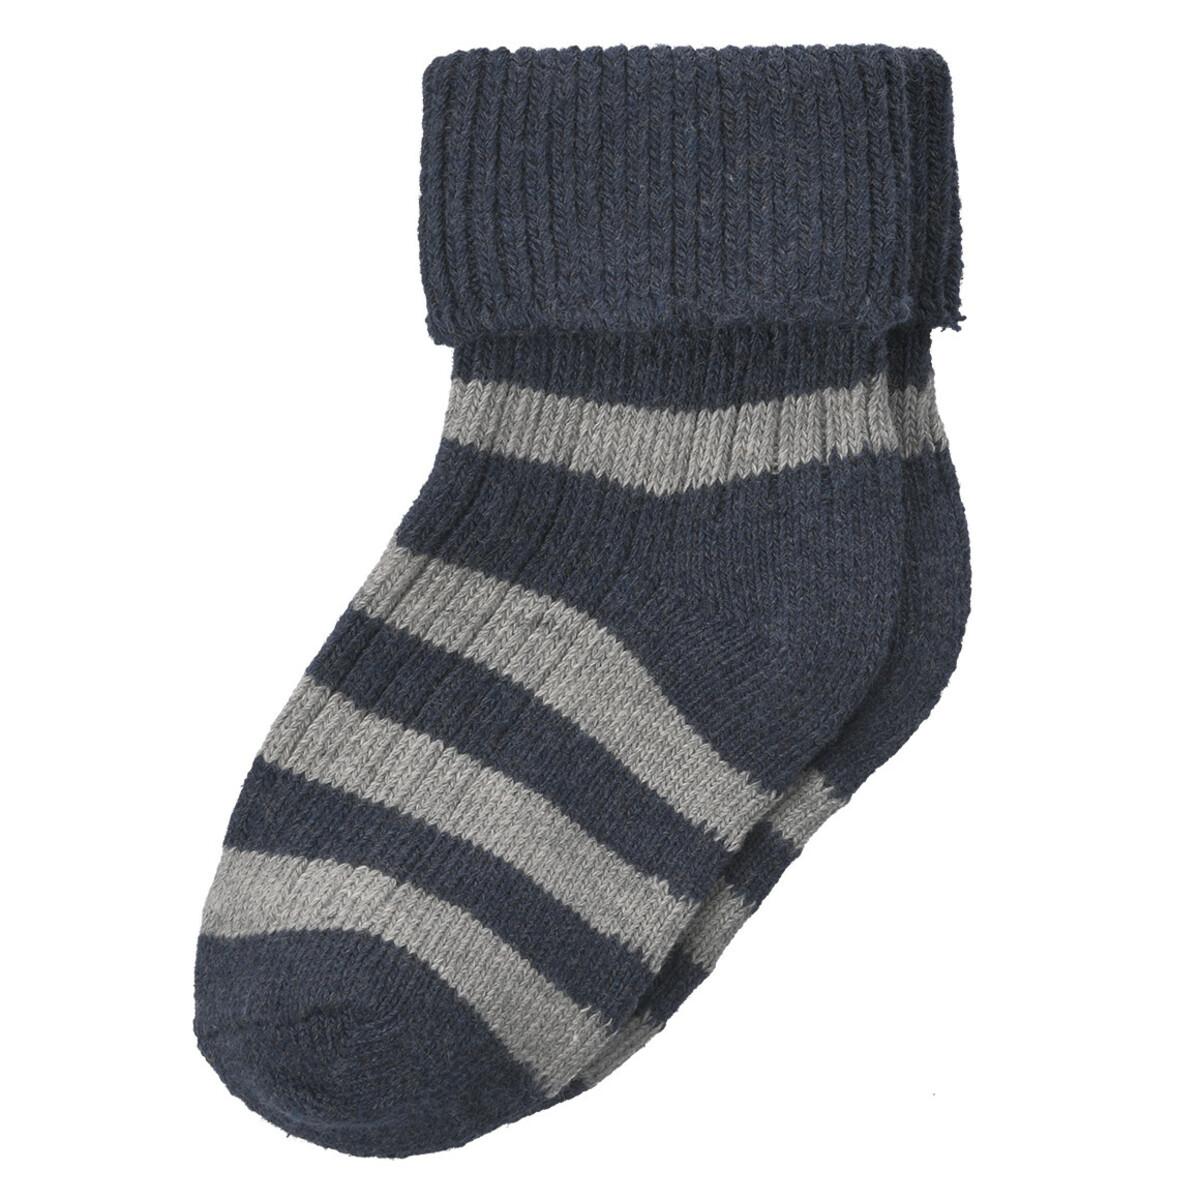 Bild 4 von 3 Paar Baby Socken im Set